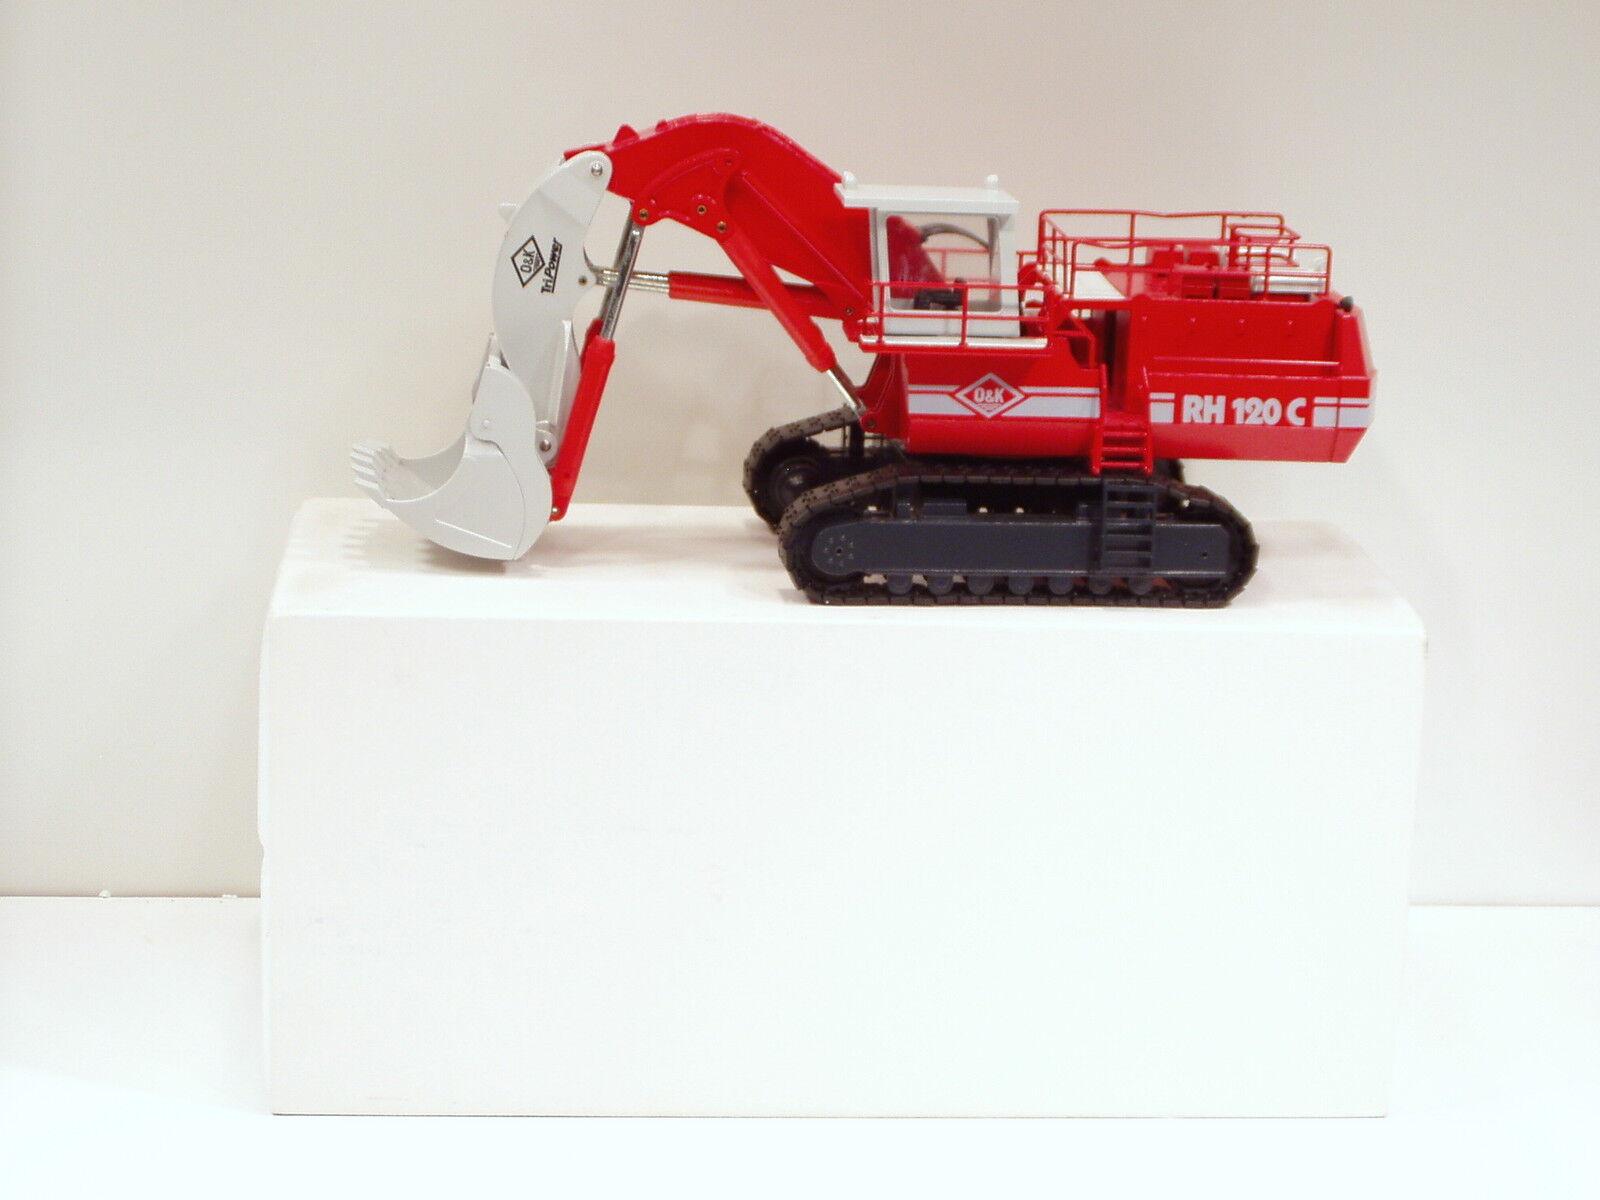 edición limitada O&K rh120c Pala -  gris palo  - - - 1 50-Conrad   2771-n.mib  seguro de calidad